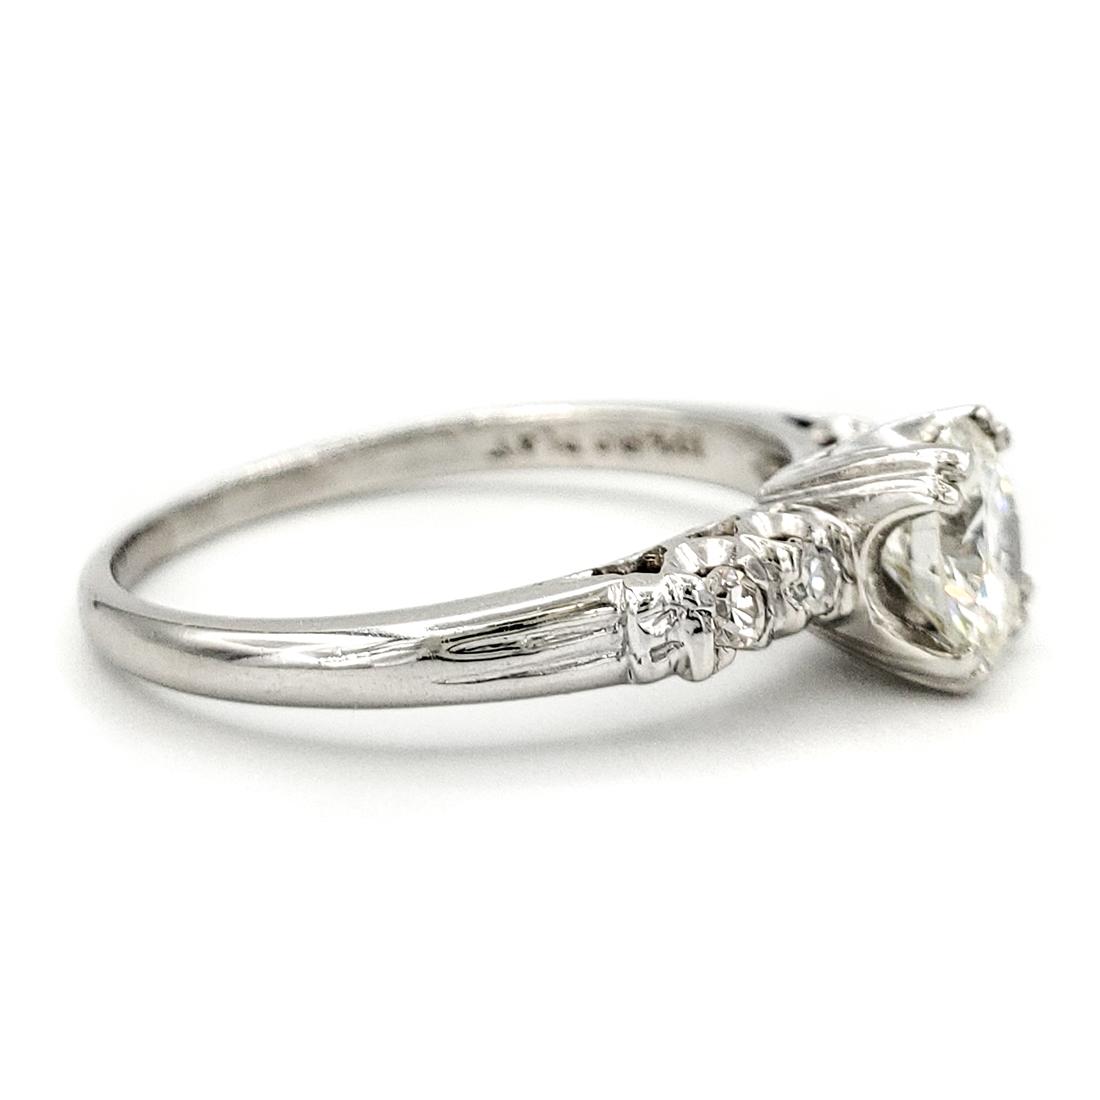 vintage-platinum-engagement-ring-with-0-61-carat-round-brilliant-cut-diamond-egl-h-si1